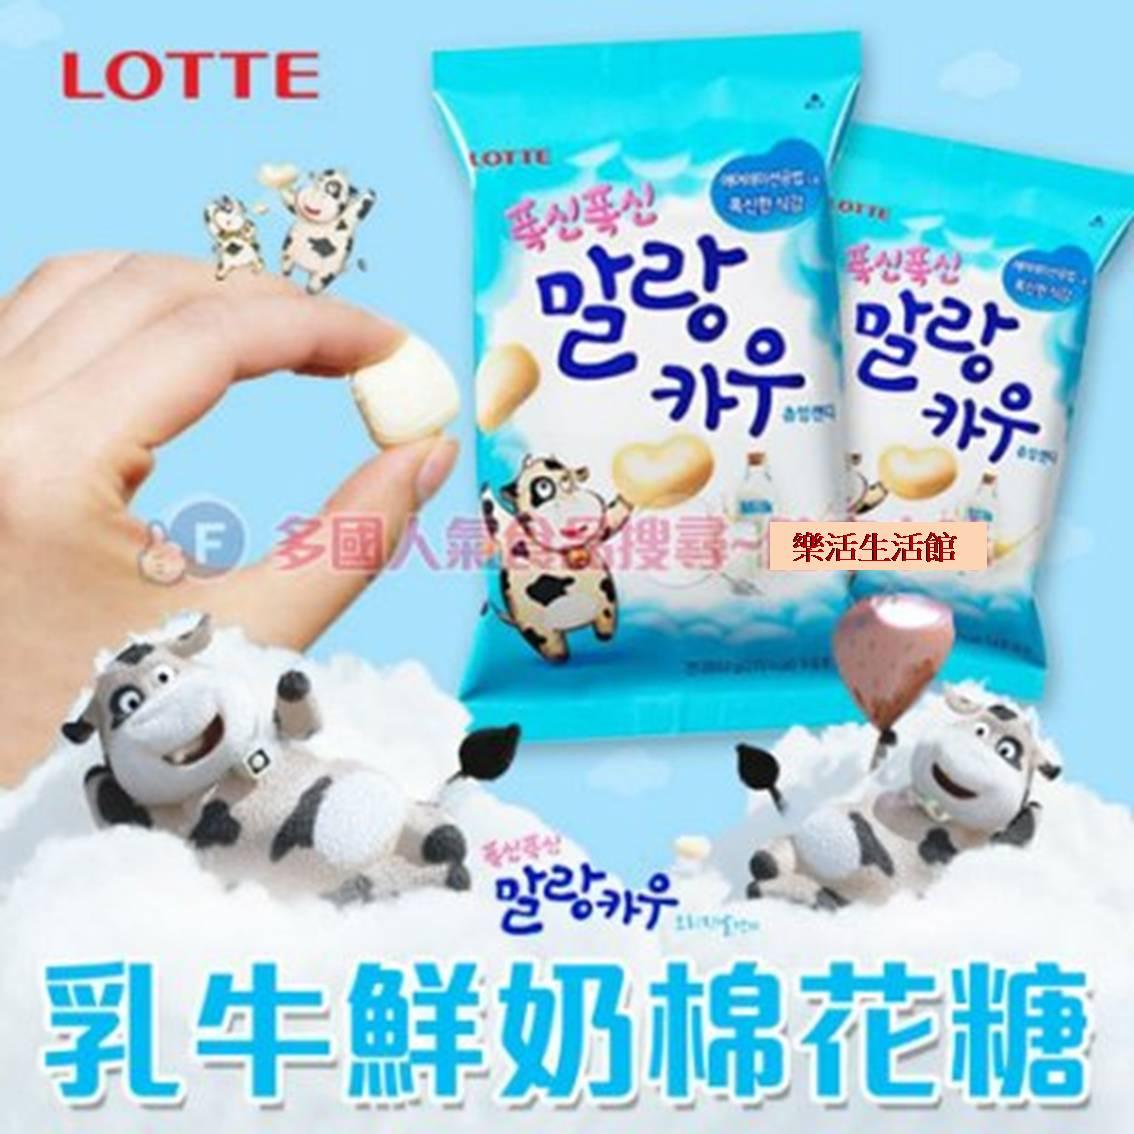 韓國樂天LOTTE乳牛鮮奶棉花糖 樂天超市必買  (鮮奶缺貨  香蕉 草莓有貨)【樂活生活館】